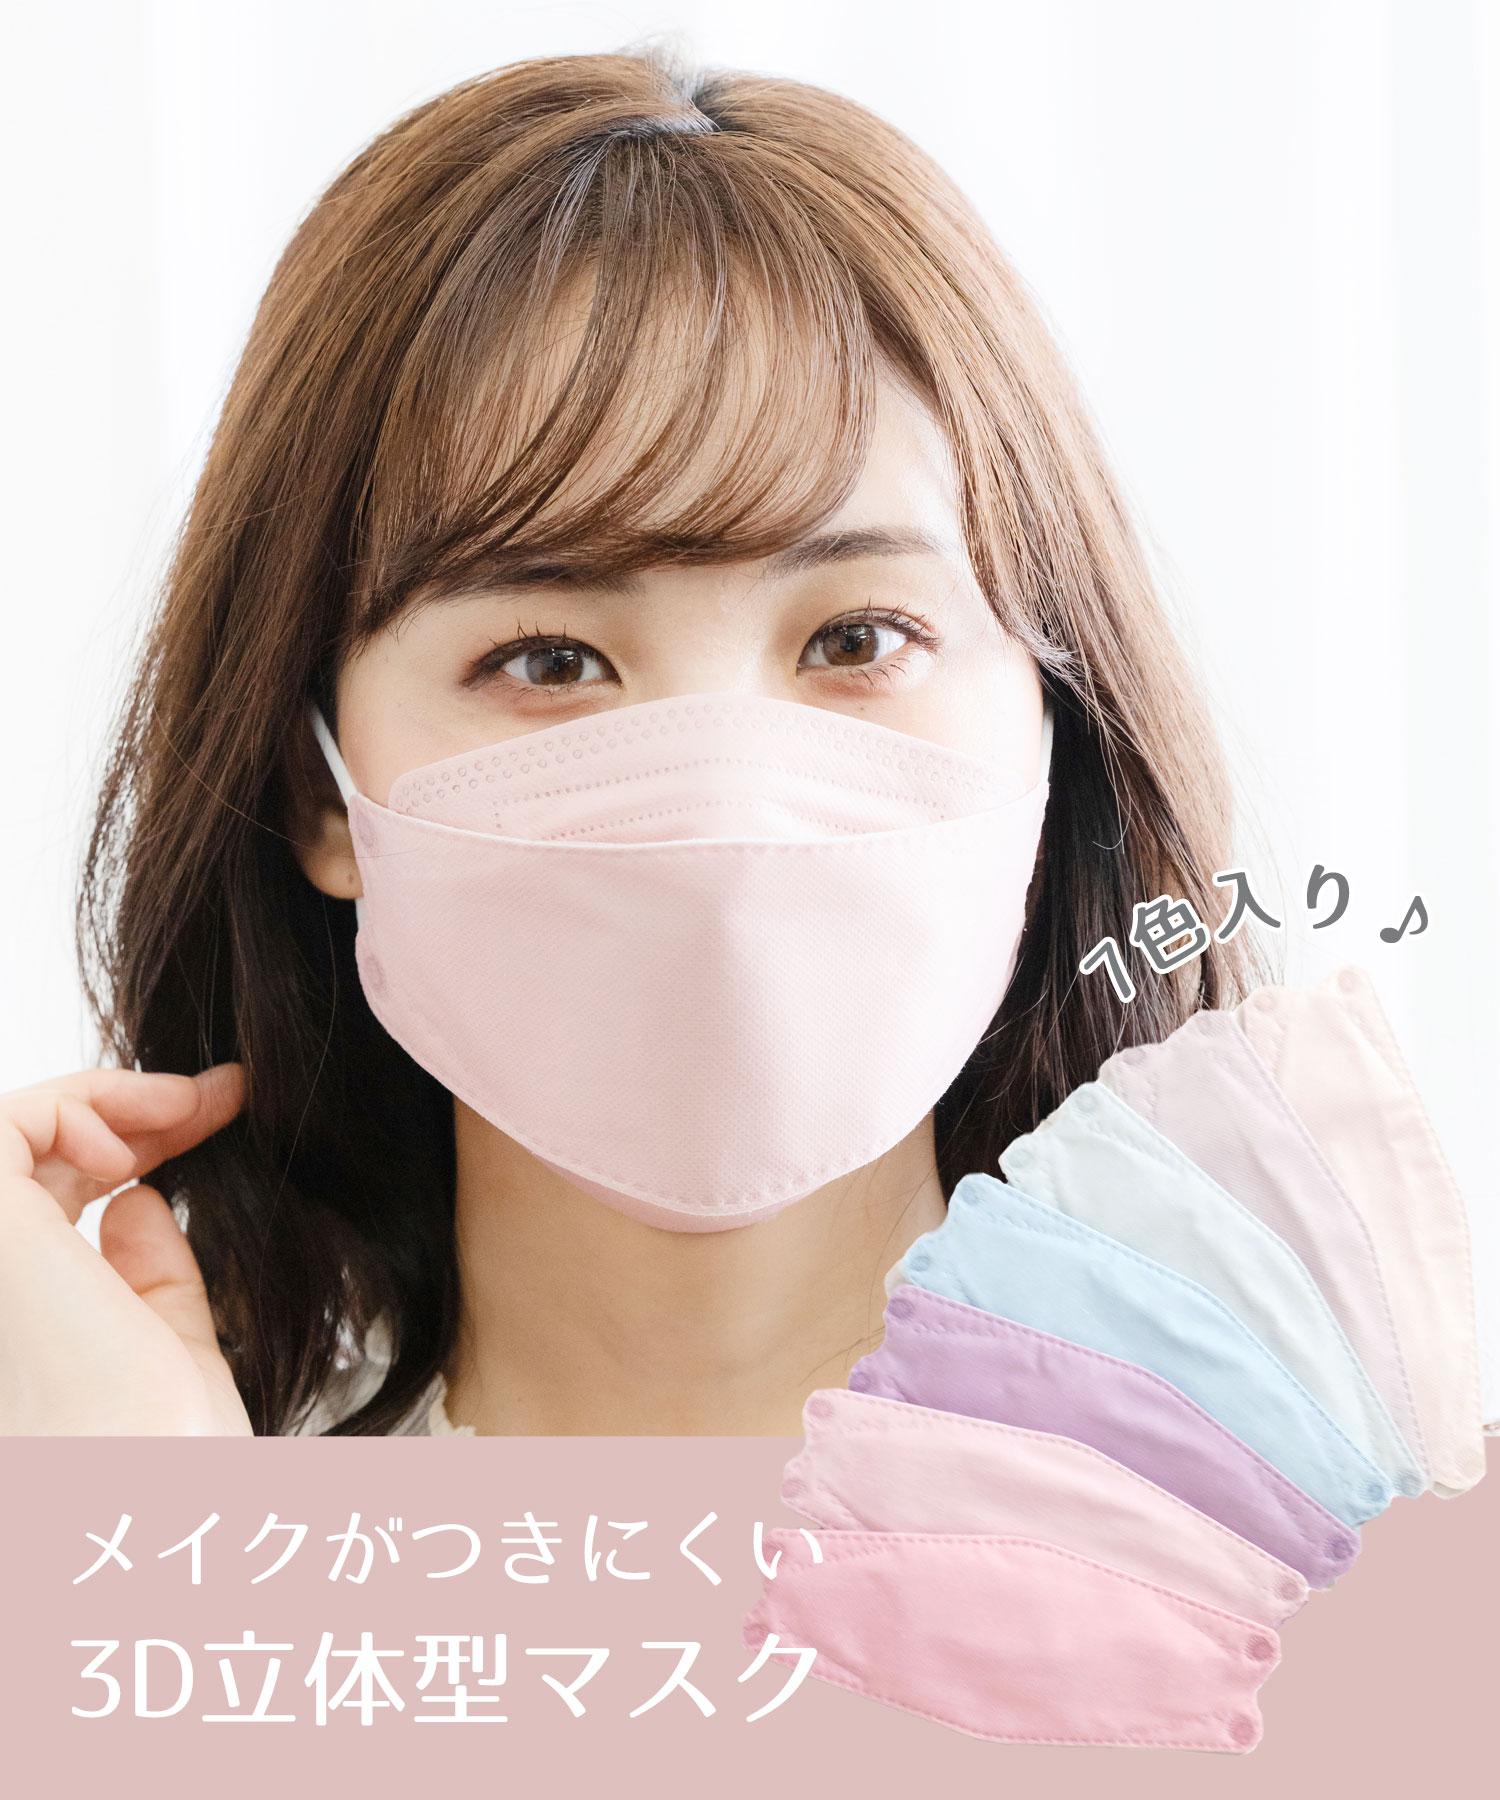 メイクがつきにくい3D立体マスク